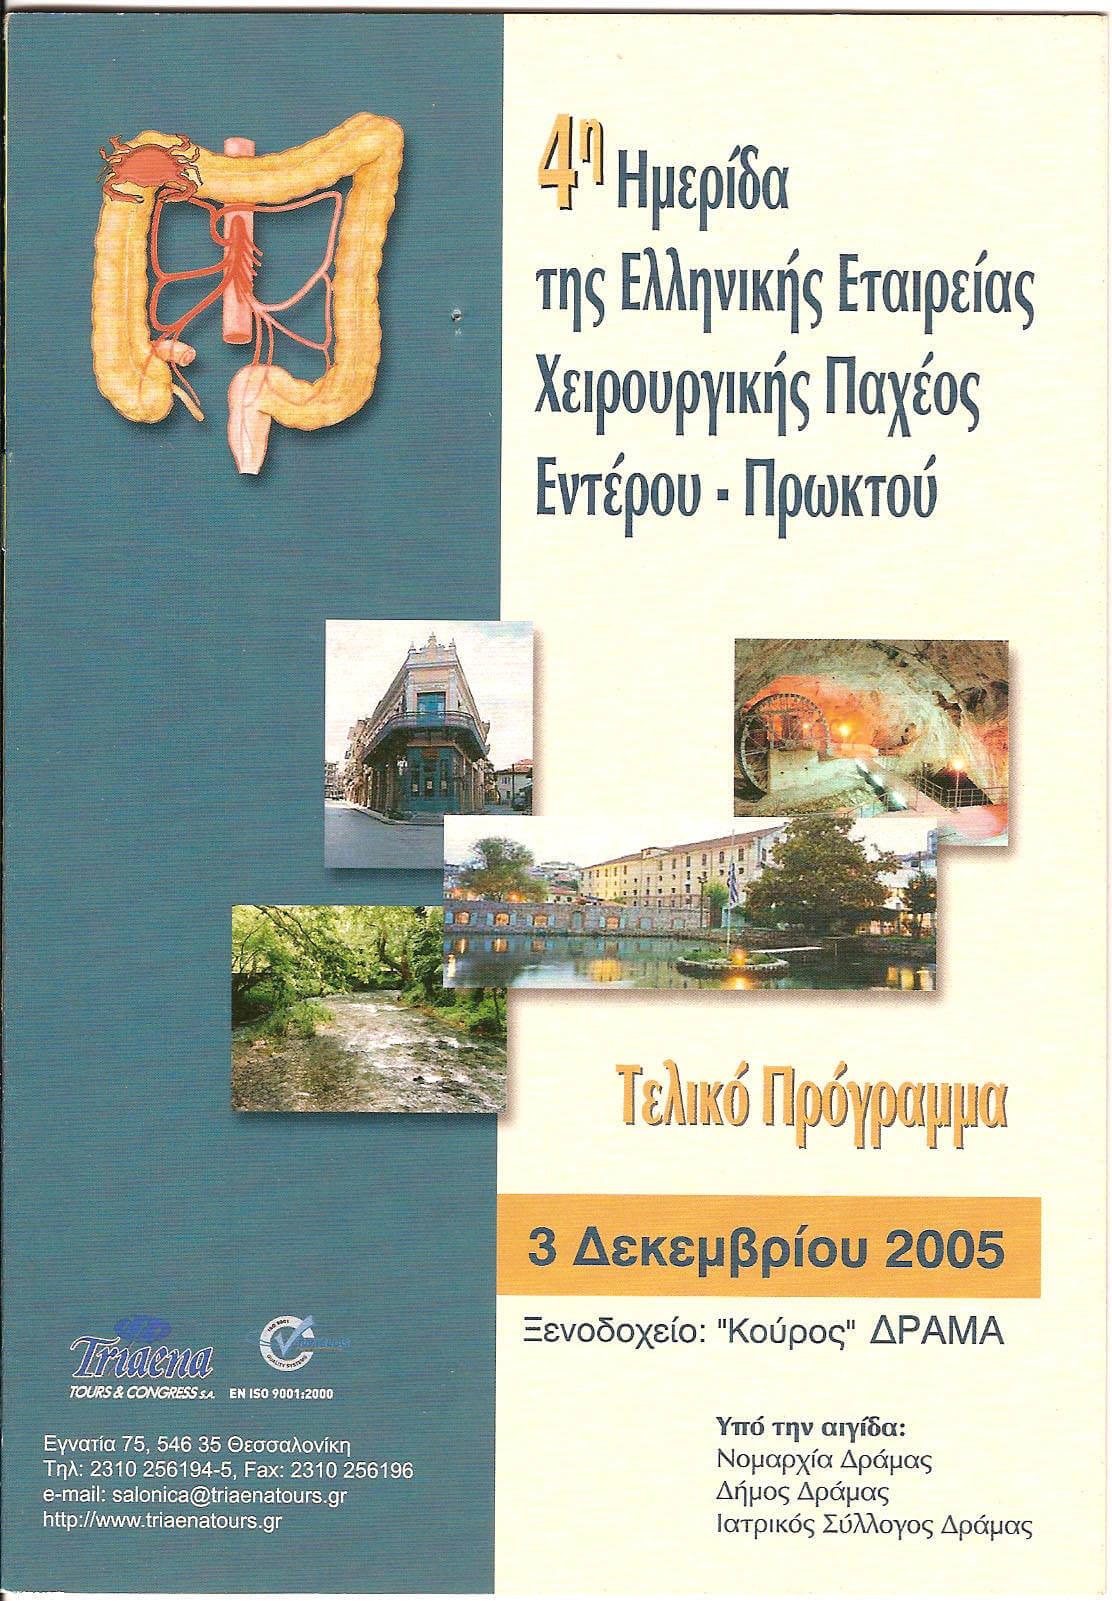 4η Ημερίδα της Ελληνικής Εταιρείας Χειρουργικής Παχέος εντέρου - Πρωκτού